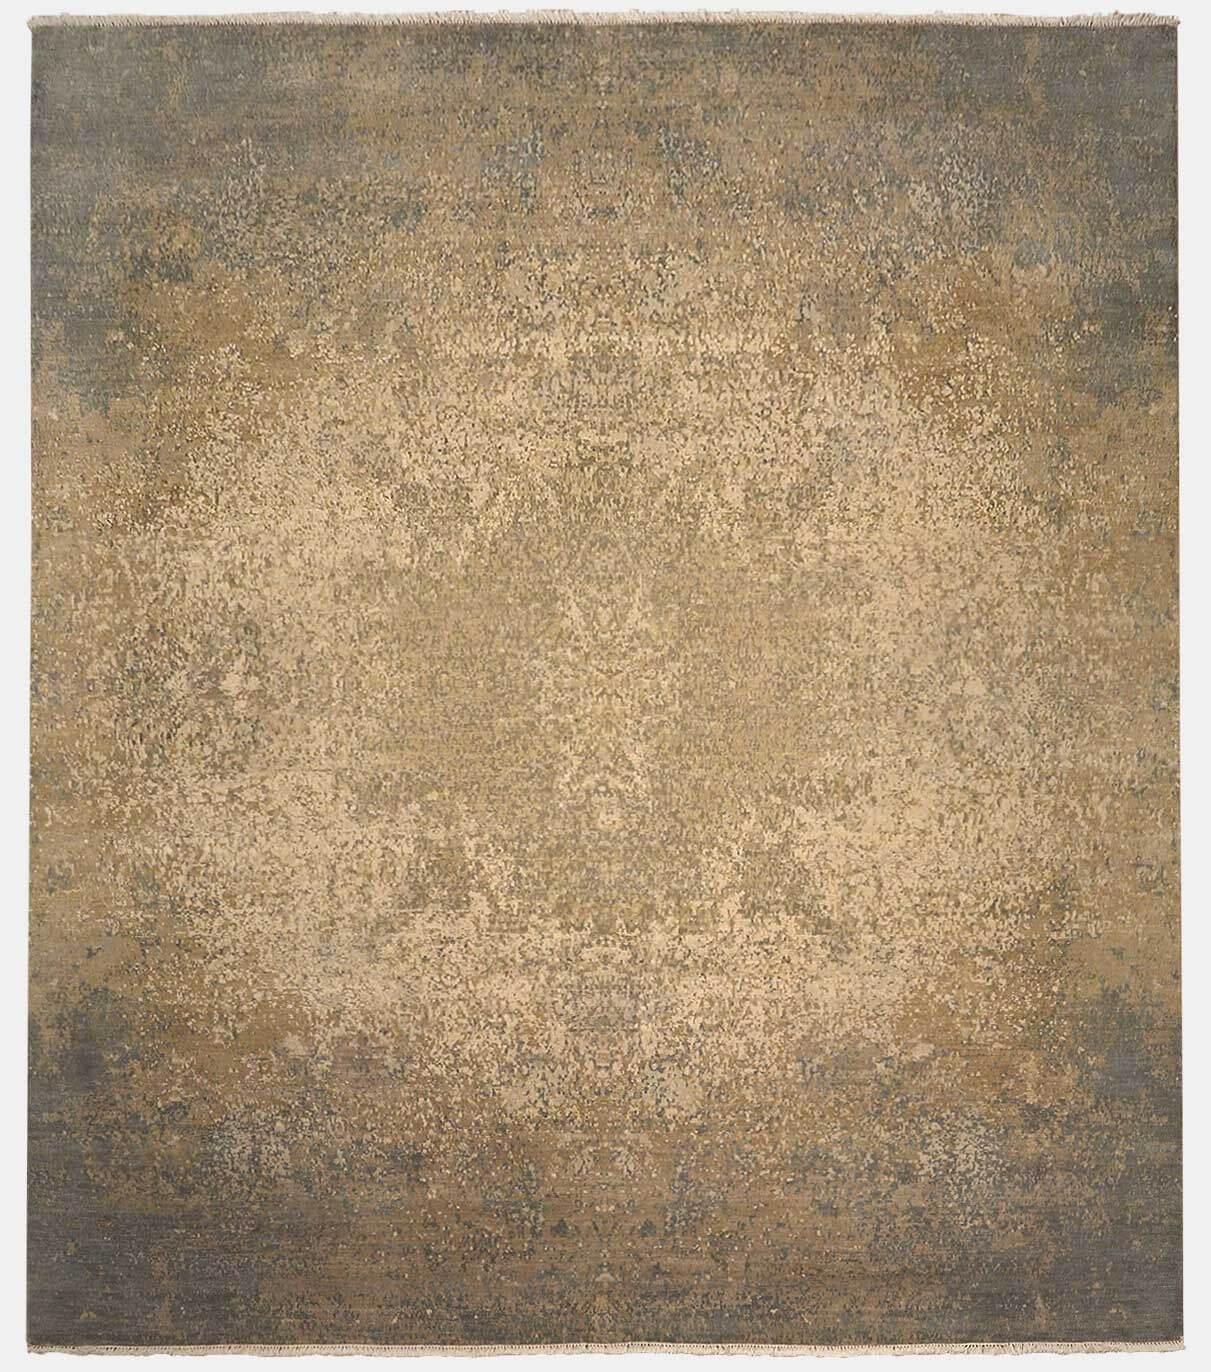 avant-garde-texture-exclusieve-design-tapijten-grijs-beige-recht2